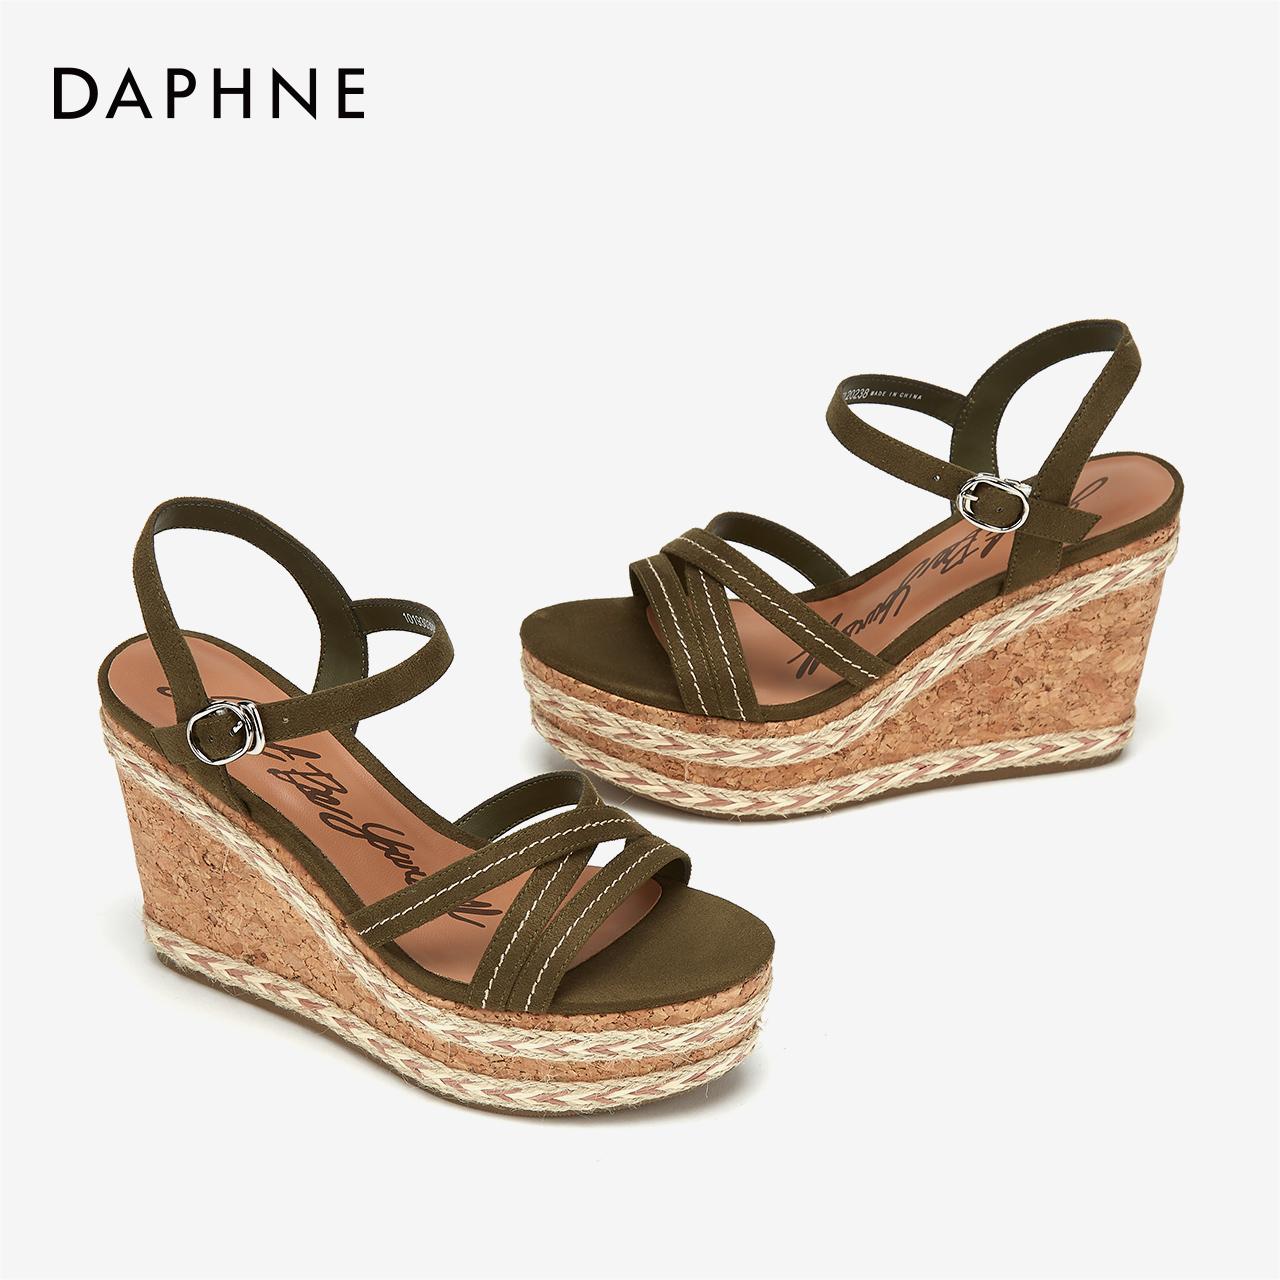 夏凉鞋女度假风撞色编织跟凉鞋交叉带坡跟度假鞋 2019 达芙妮